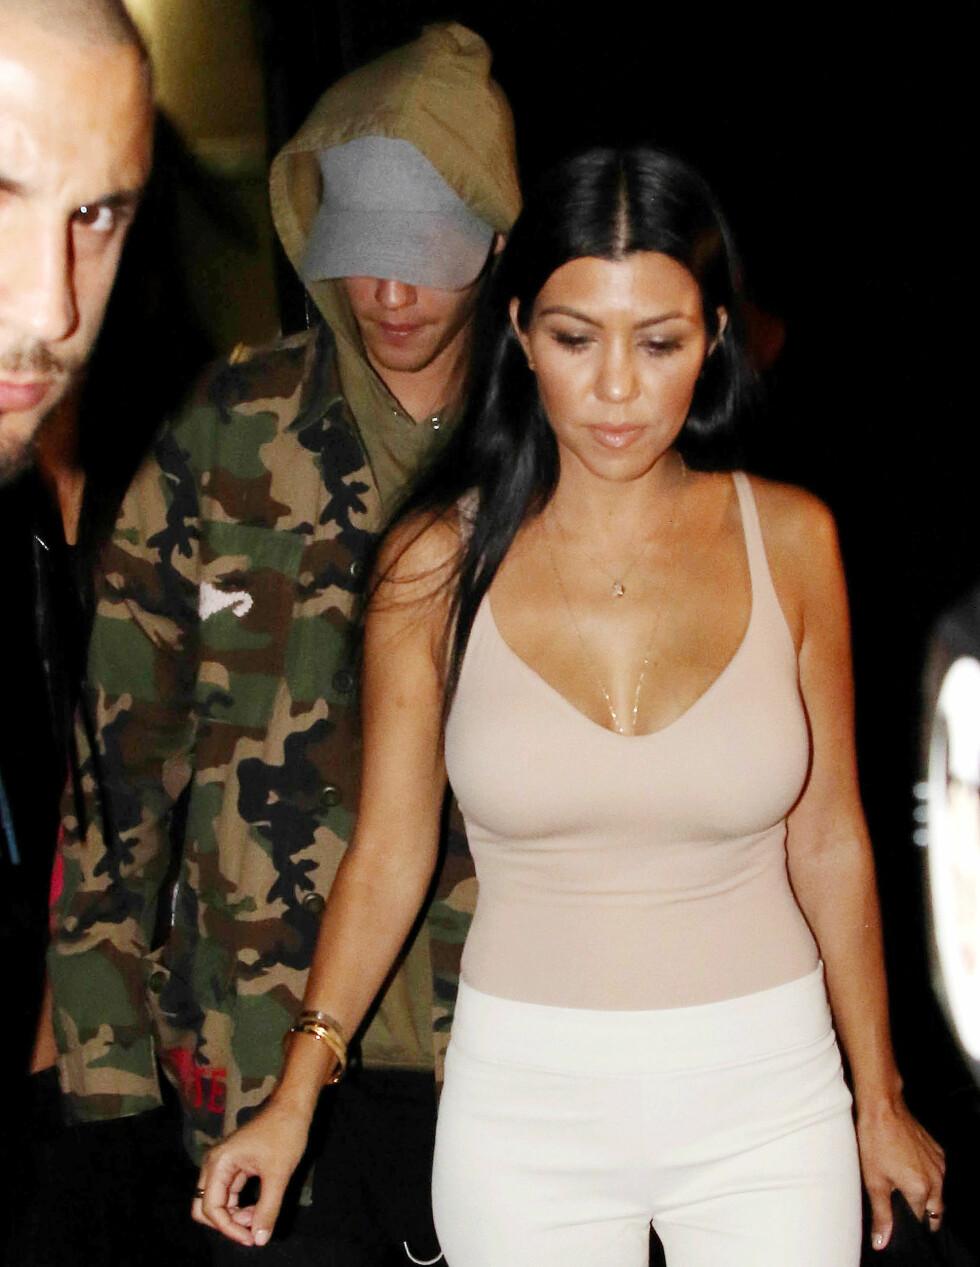 SEXY: Kourtney var flott i tettsittende hvite bukser og en hudfarget utringet topp. Bieber skjulte seg bak en caps og militærjakke. Foto: Splash News